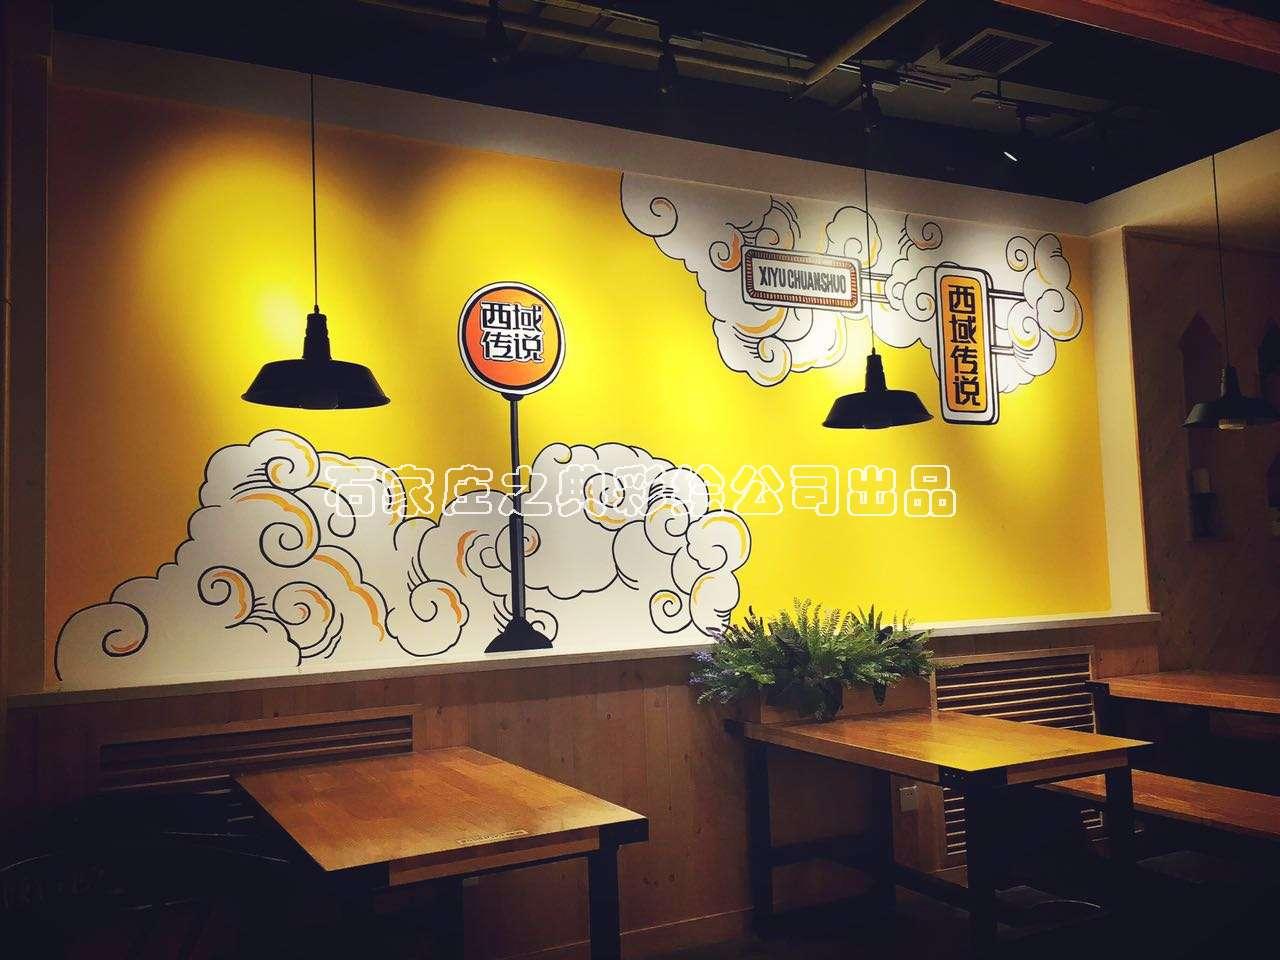 上一个: 西域传说vi设计手绘涂鸦,墙体手绘插画 下一个: 小龙虾墙绘